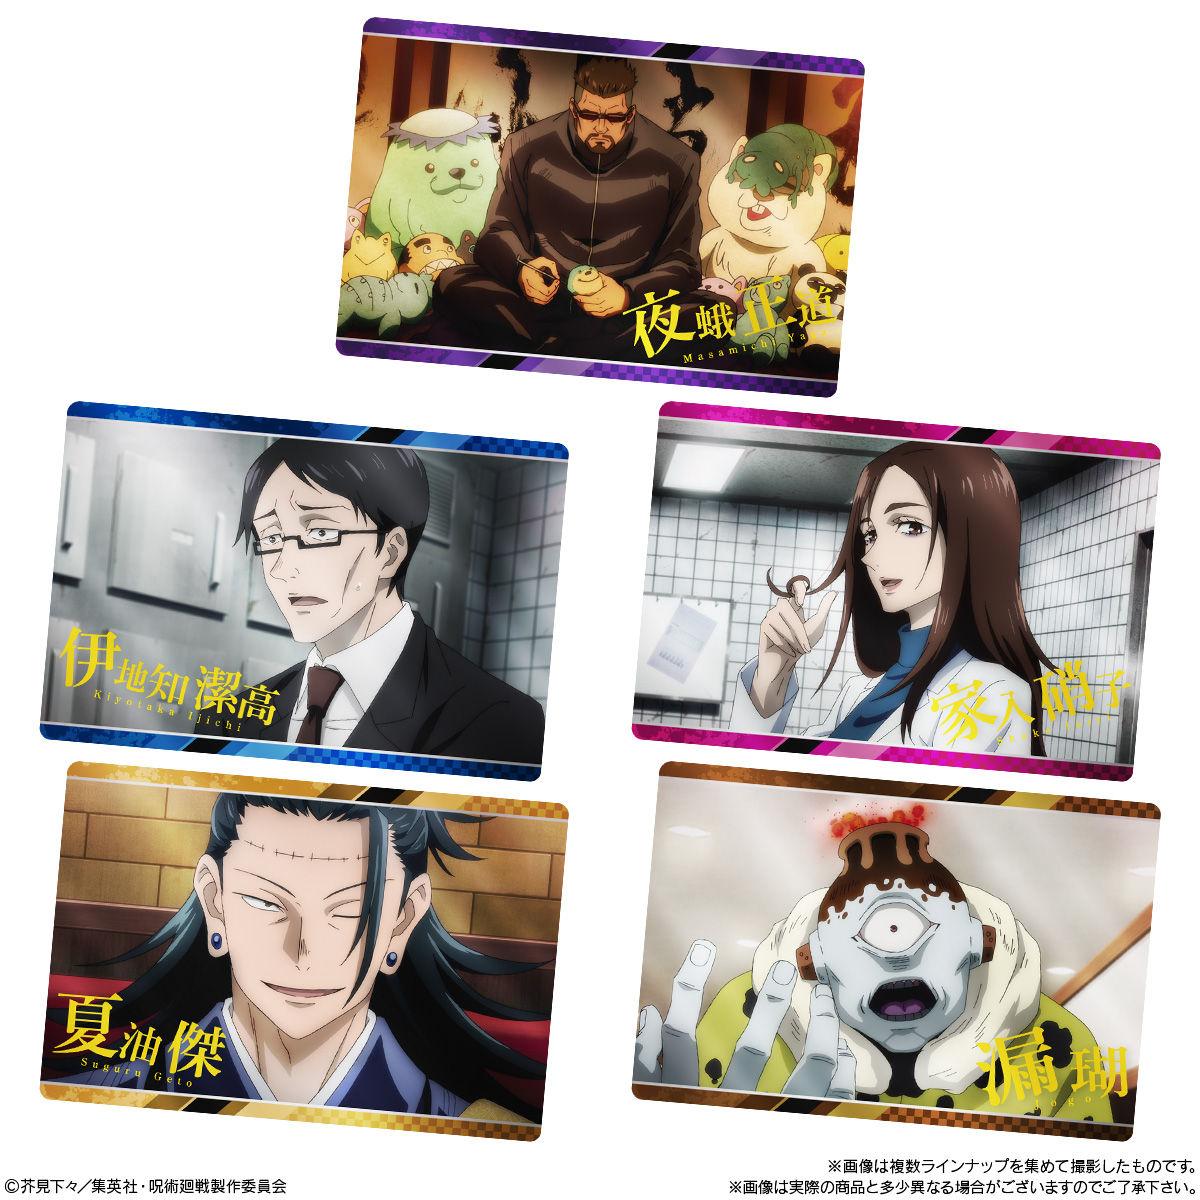 【食玩】呪術廻戦『呪術廻戦ウエハース』20個入りBOX-005